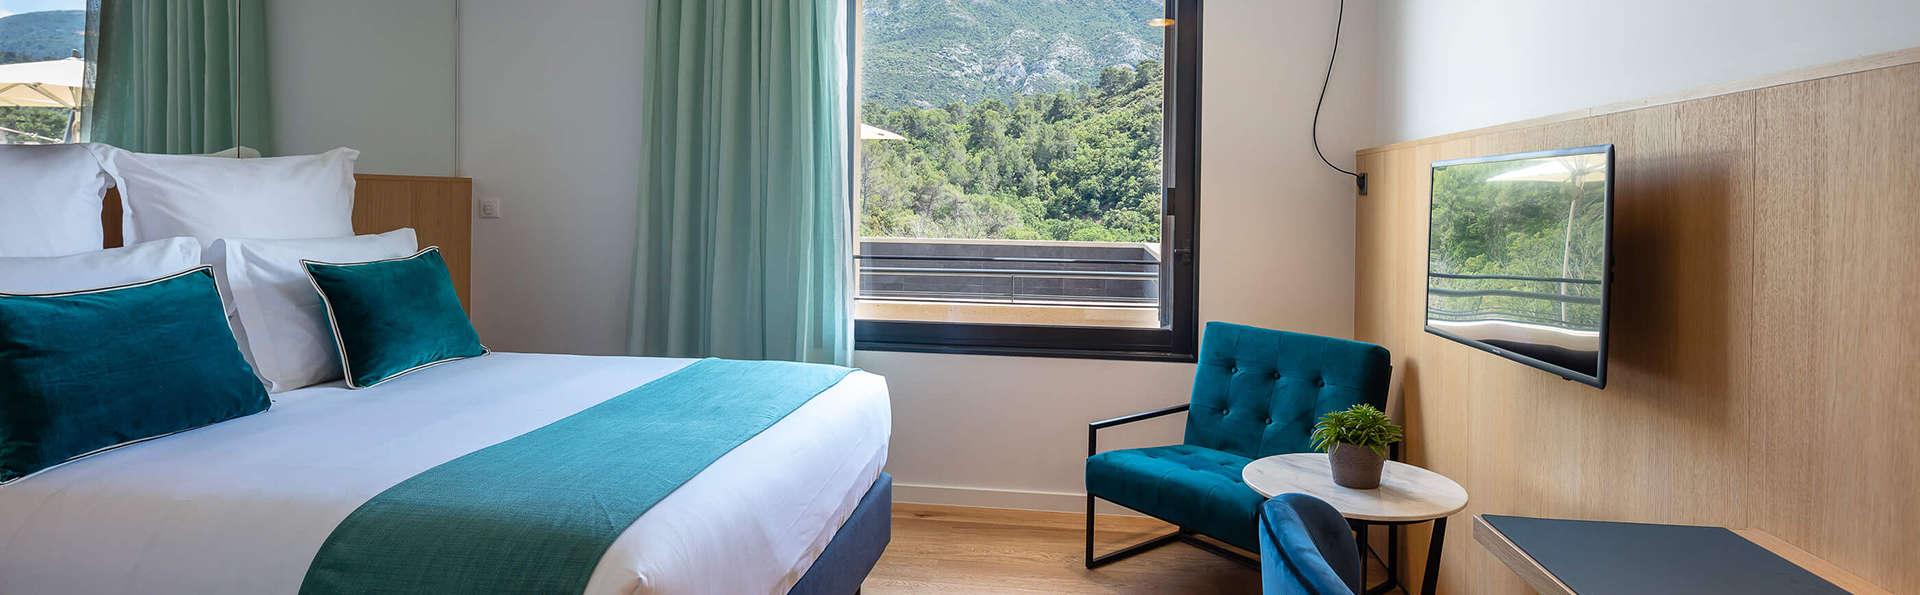 Hôtel Sainte Victoire - EDIT_Chambre_Superieure_vue.jpg